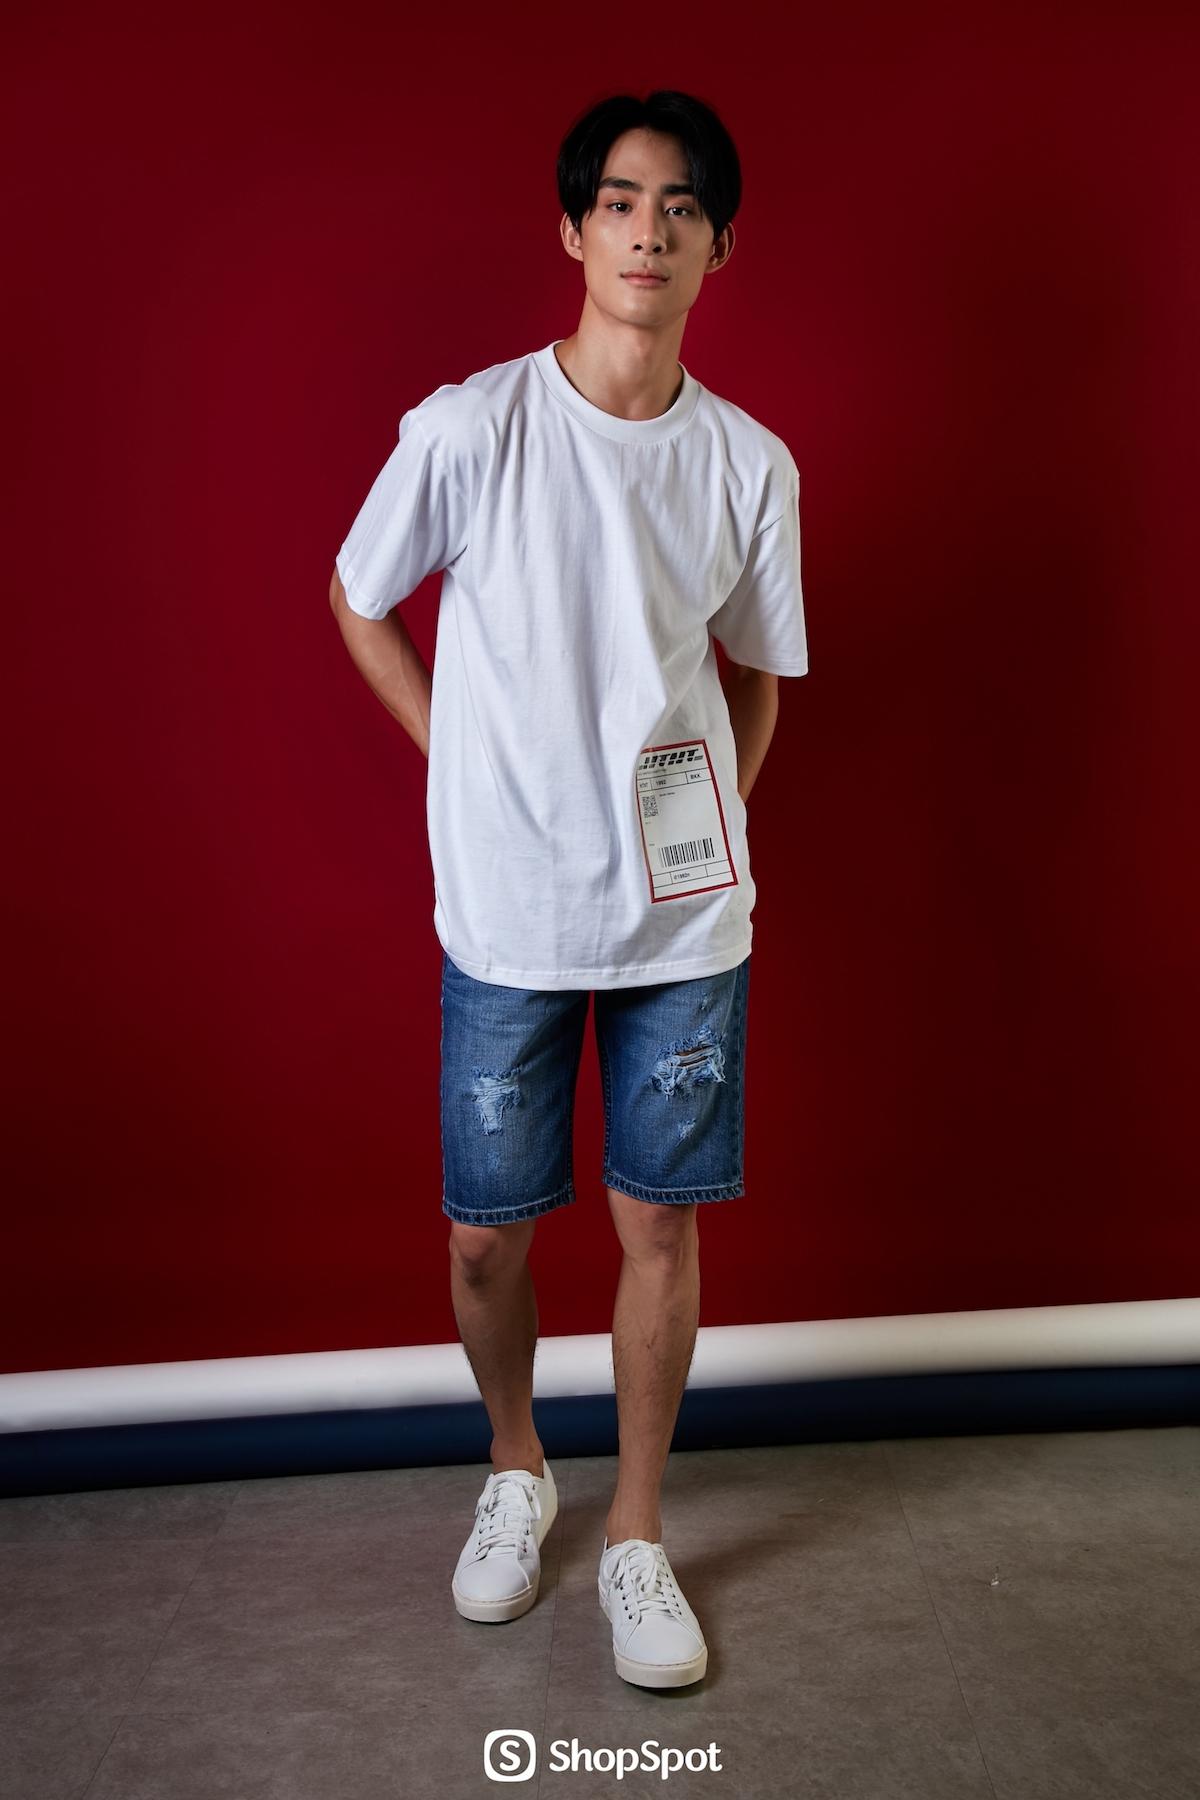 กางเกง,กางเกงยีนส์,ยีน,ยีนส์,jean,jeans,denim,กางเกงผู้ชาย,ขาสั้นผู้ชาย,GeneDenim